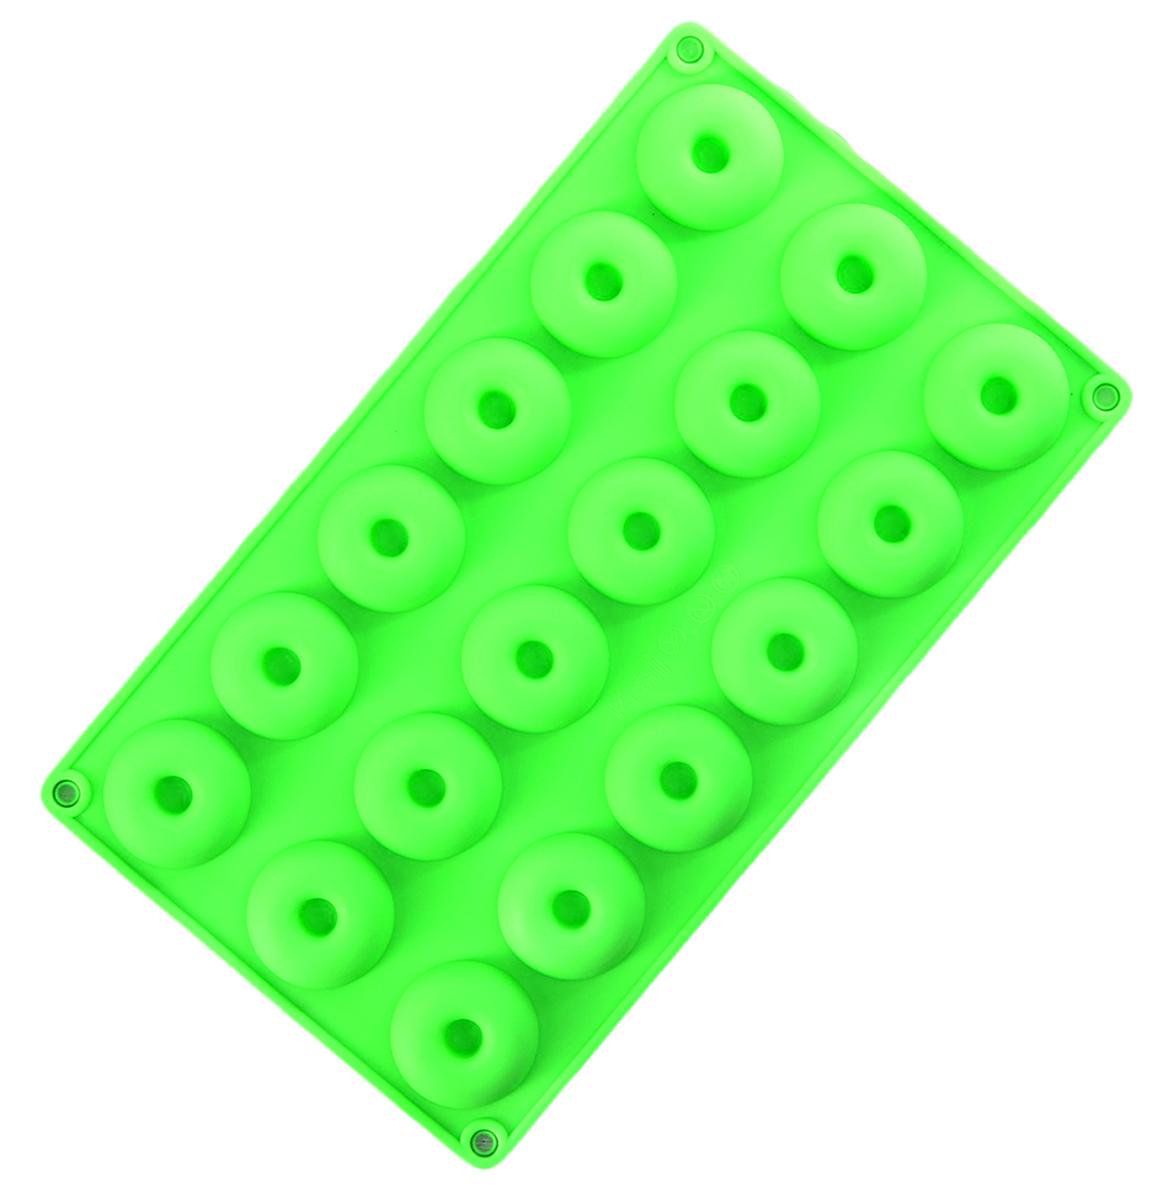 Форма для выпечки Доляна Круг. Риб, силиконовая, цвет: зеленый, 29 х 17 х 1,5 см, 18 ячеек2818746_зеленыйОт качества посуды зависит не только вкус еды, но и здоровье человека. Форма для выпечки — товар, соответствующий российским стандартам качества. Любой хозяйке будет приятно держать его в руках.